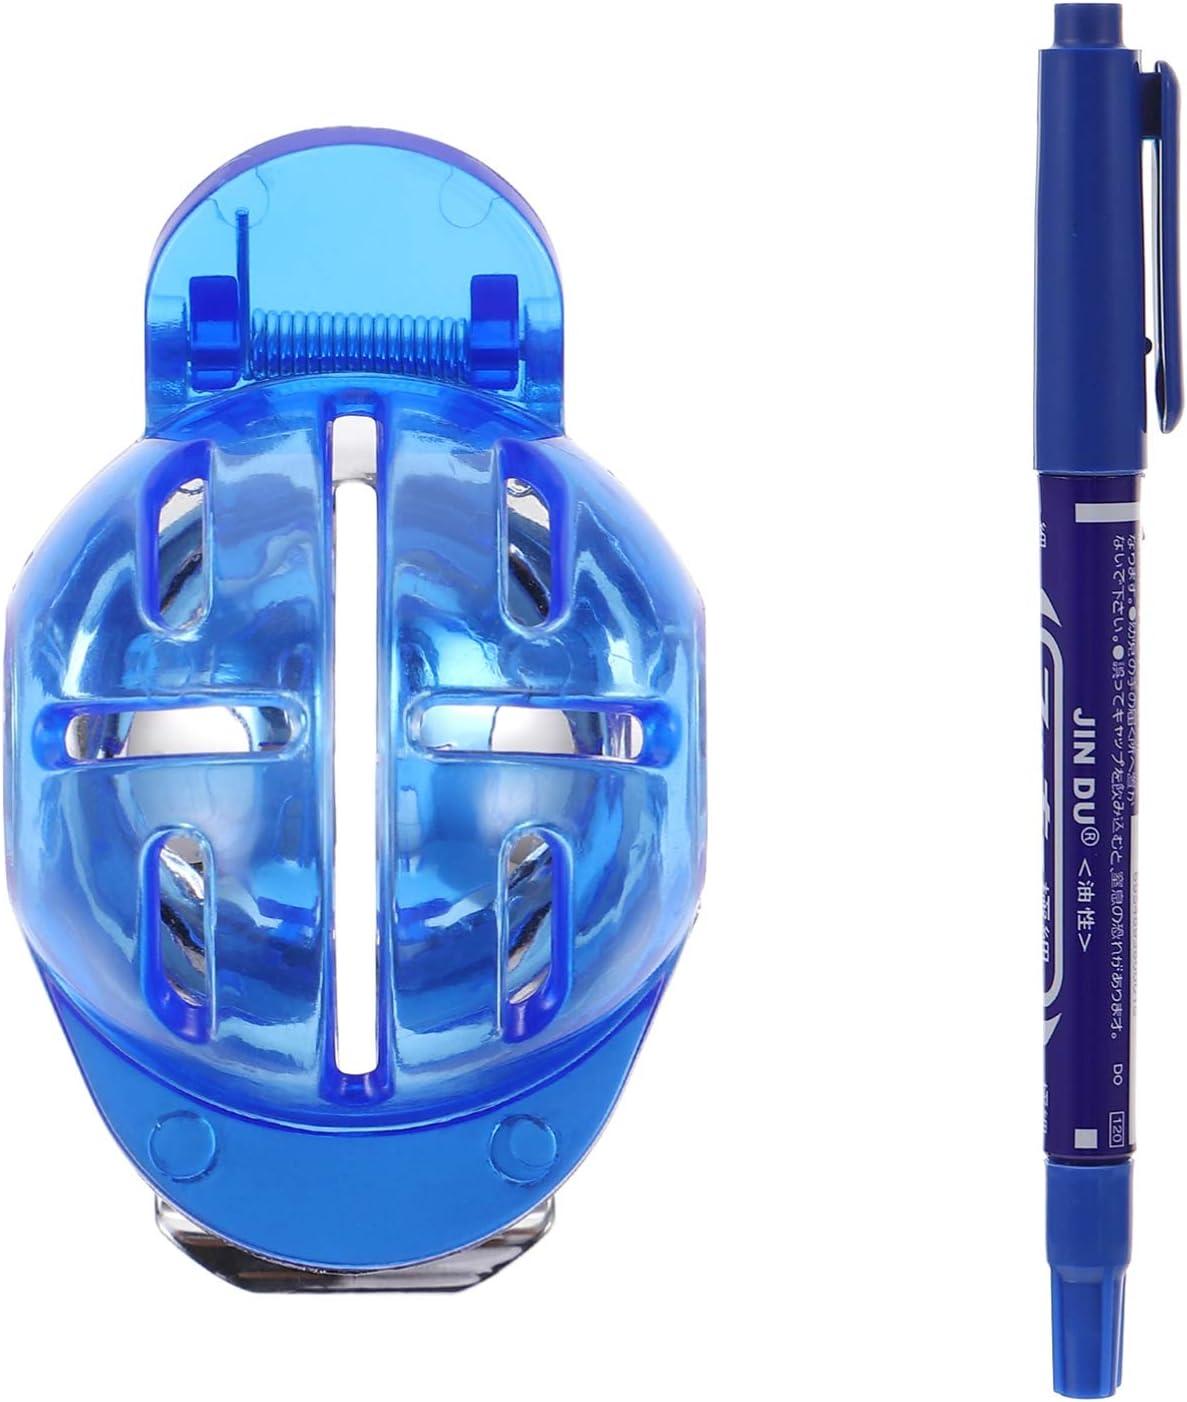 BESPORTBLE 6 Piezas de Línea de Bolas de Golf Liner Ball Rotuladores Plantilla Liner Ball Line Drawing Tool con Rotulador Ball Alineation Putting Tool Azul